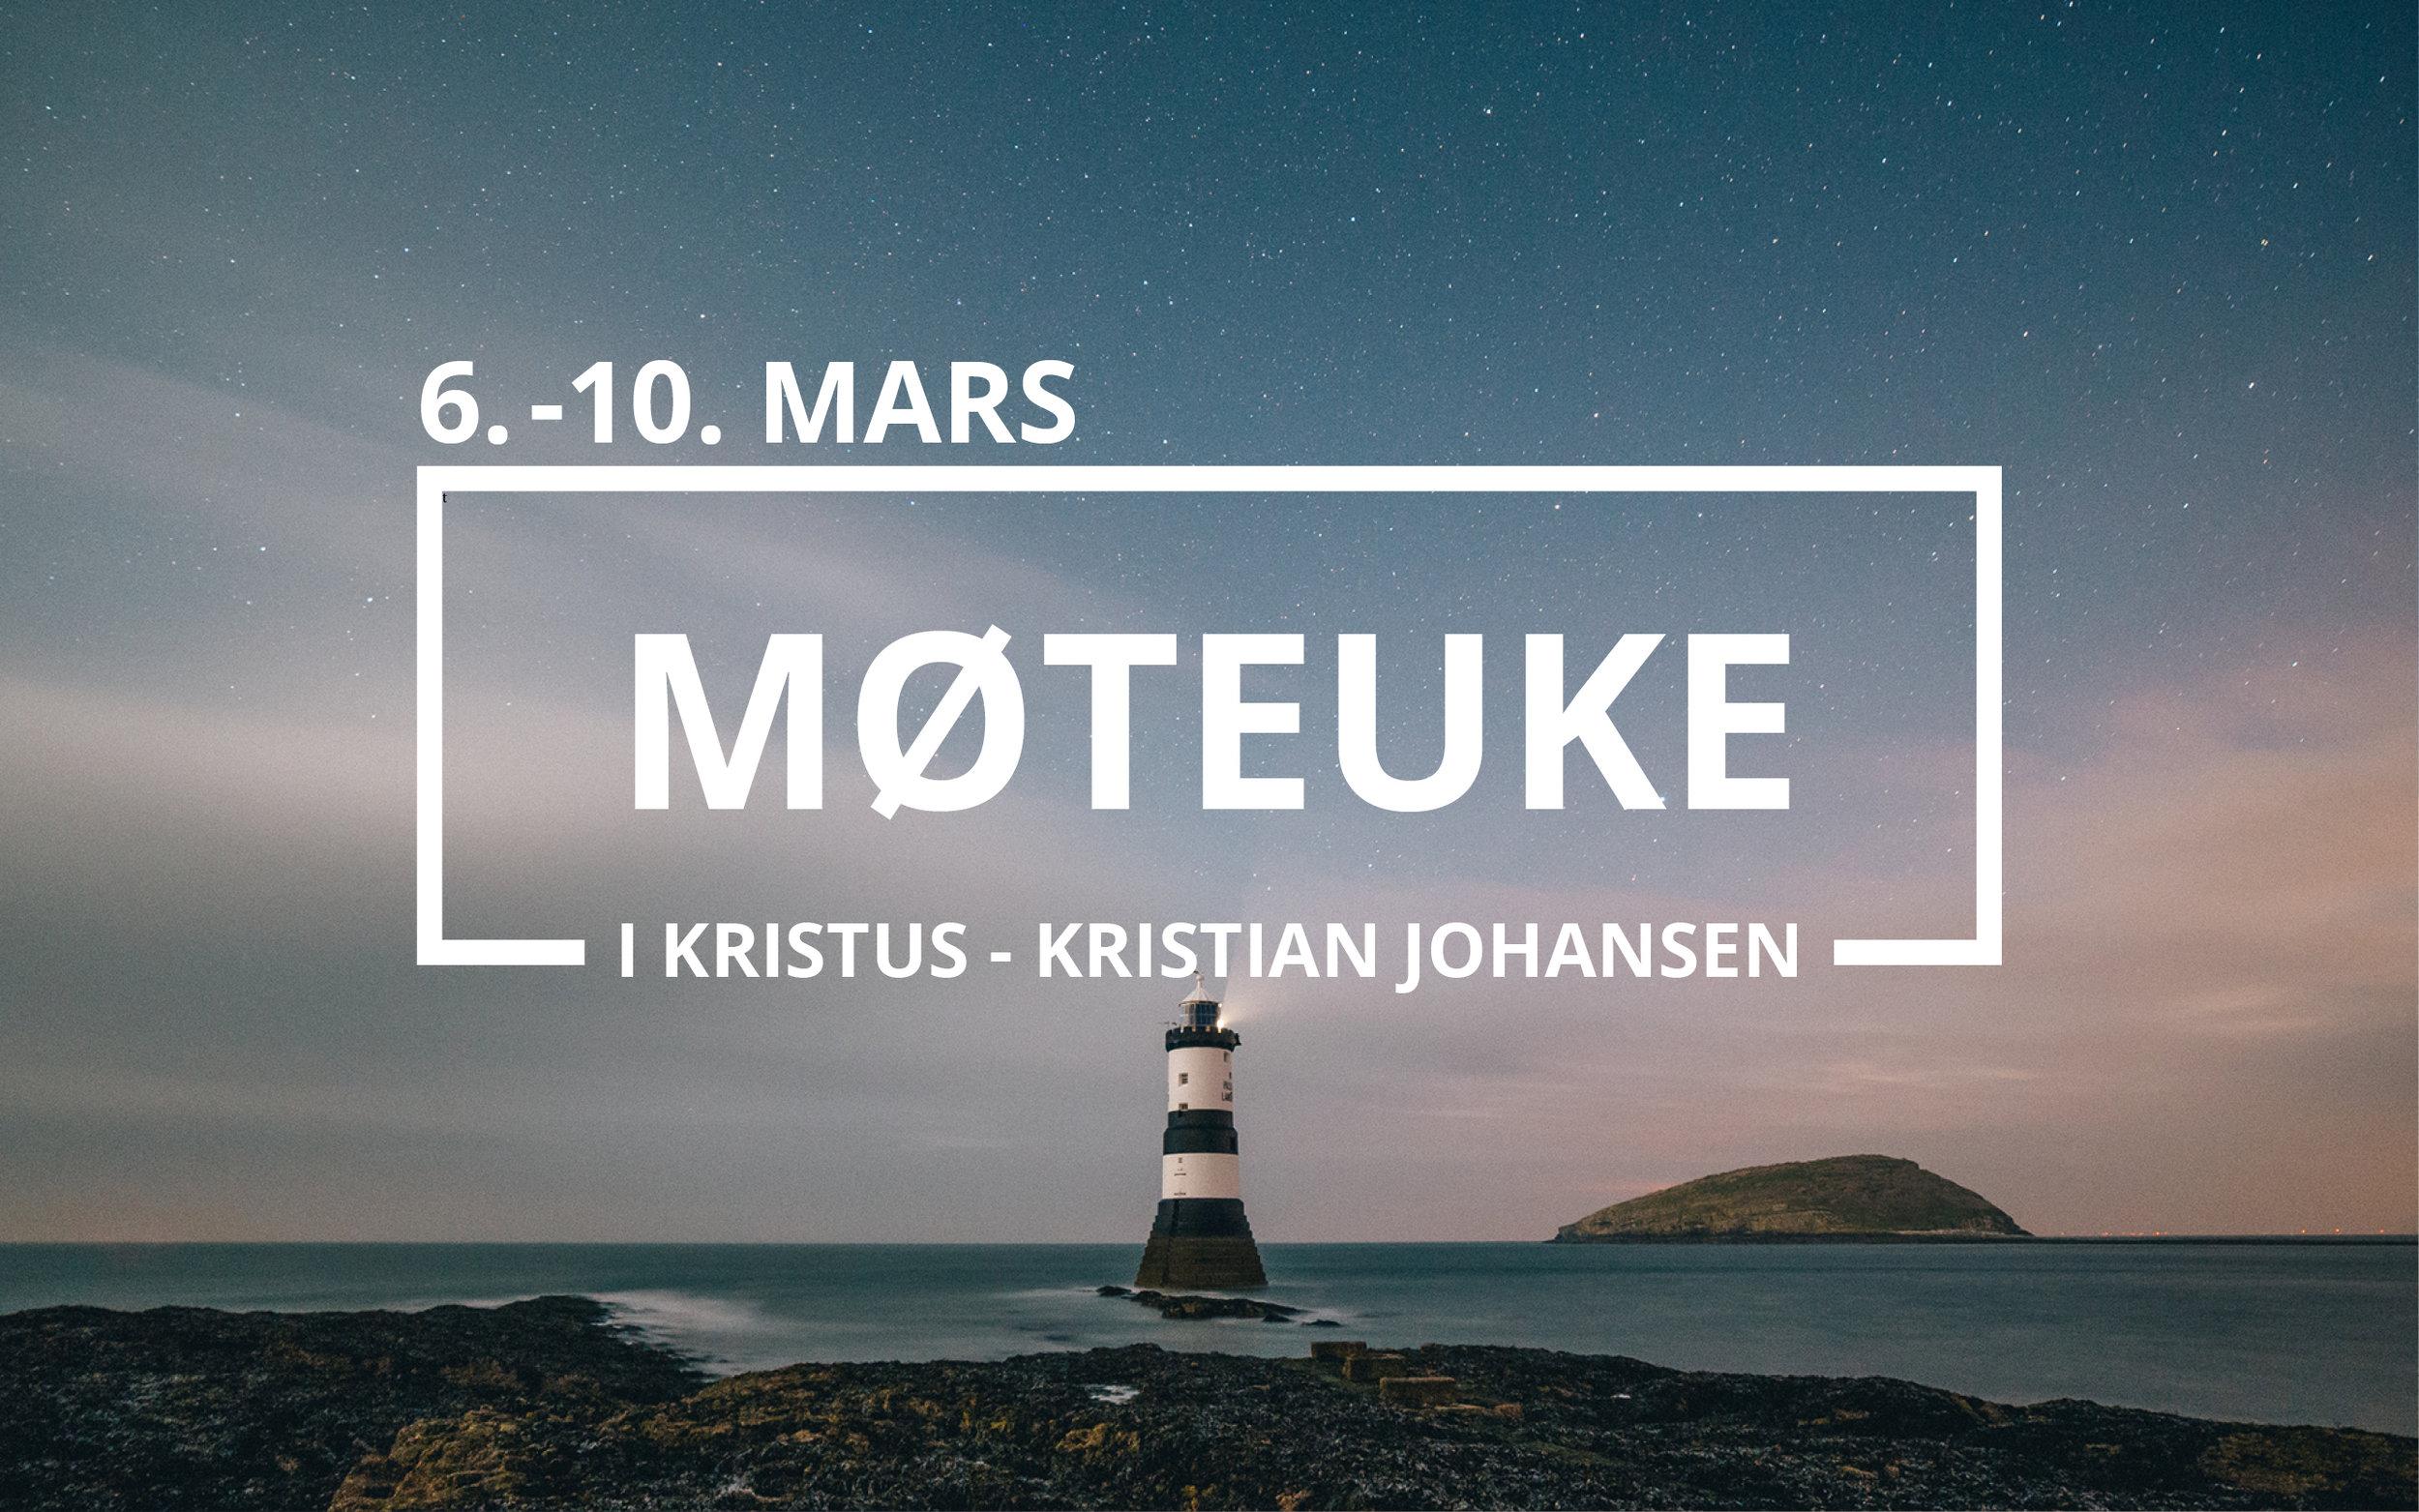 2019 - møteuke i kristus - Kristian Johansen.jpg